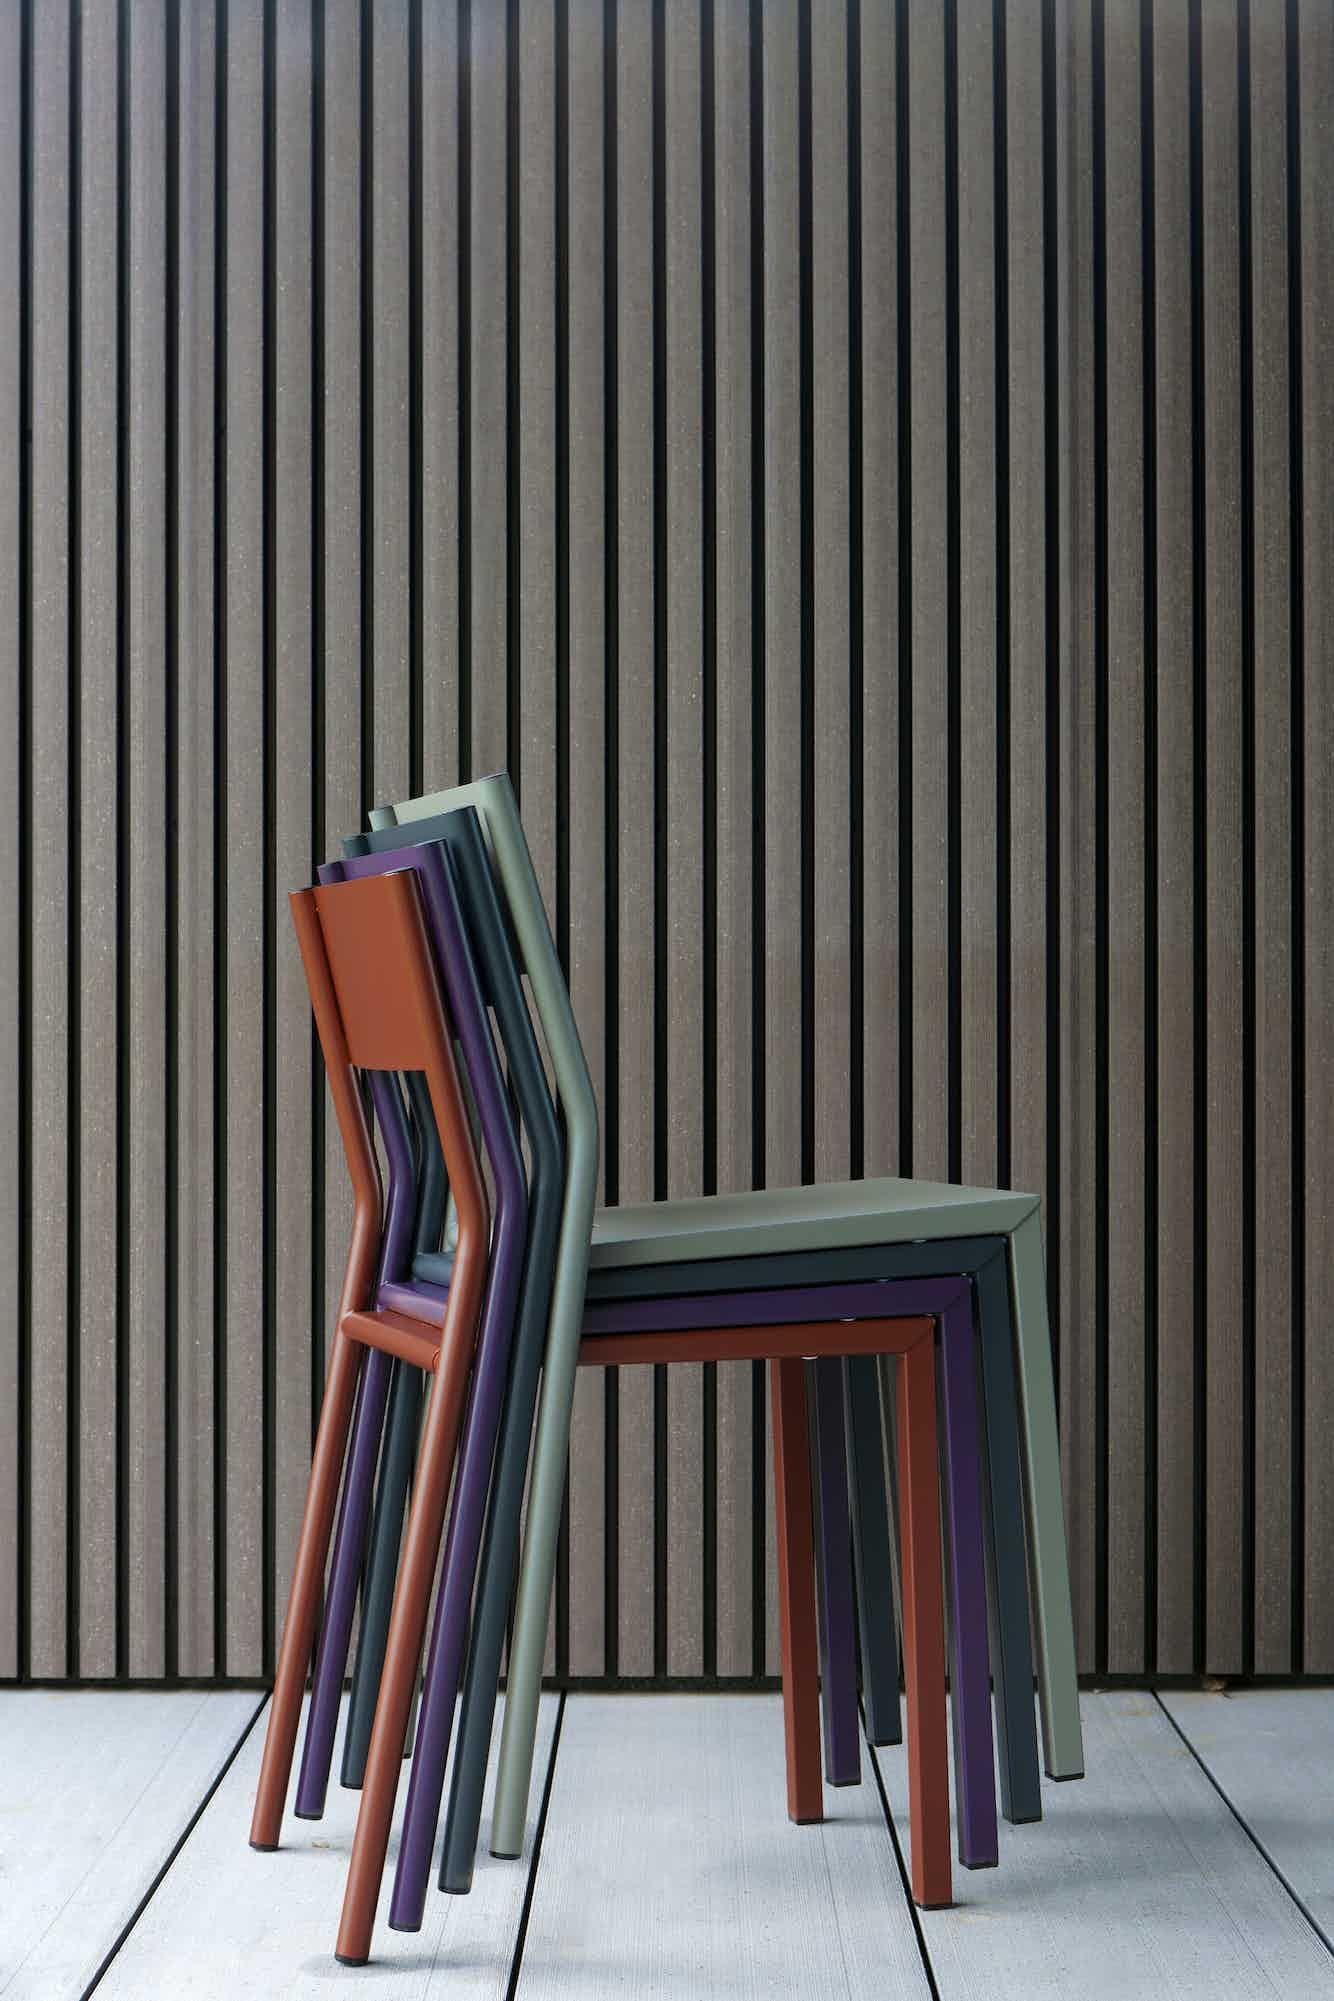 Matiere grise luc jozancy take chaise style ecolier repas bureau salle a manger chaises empilables